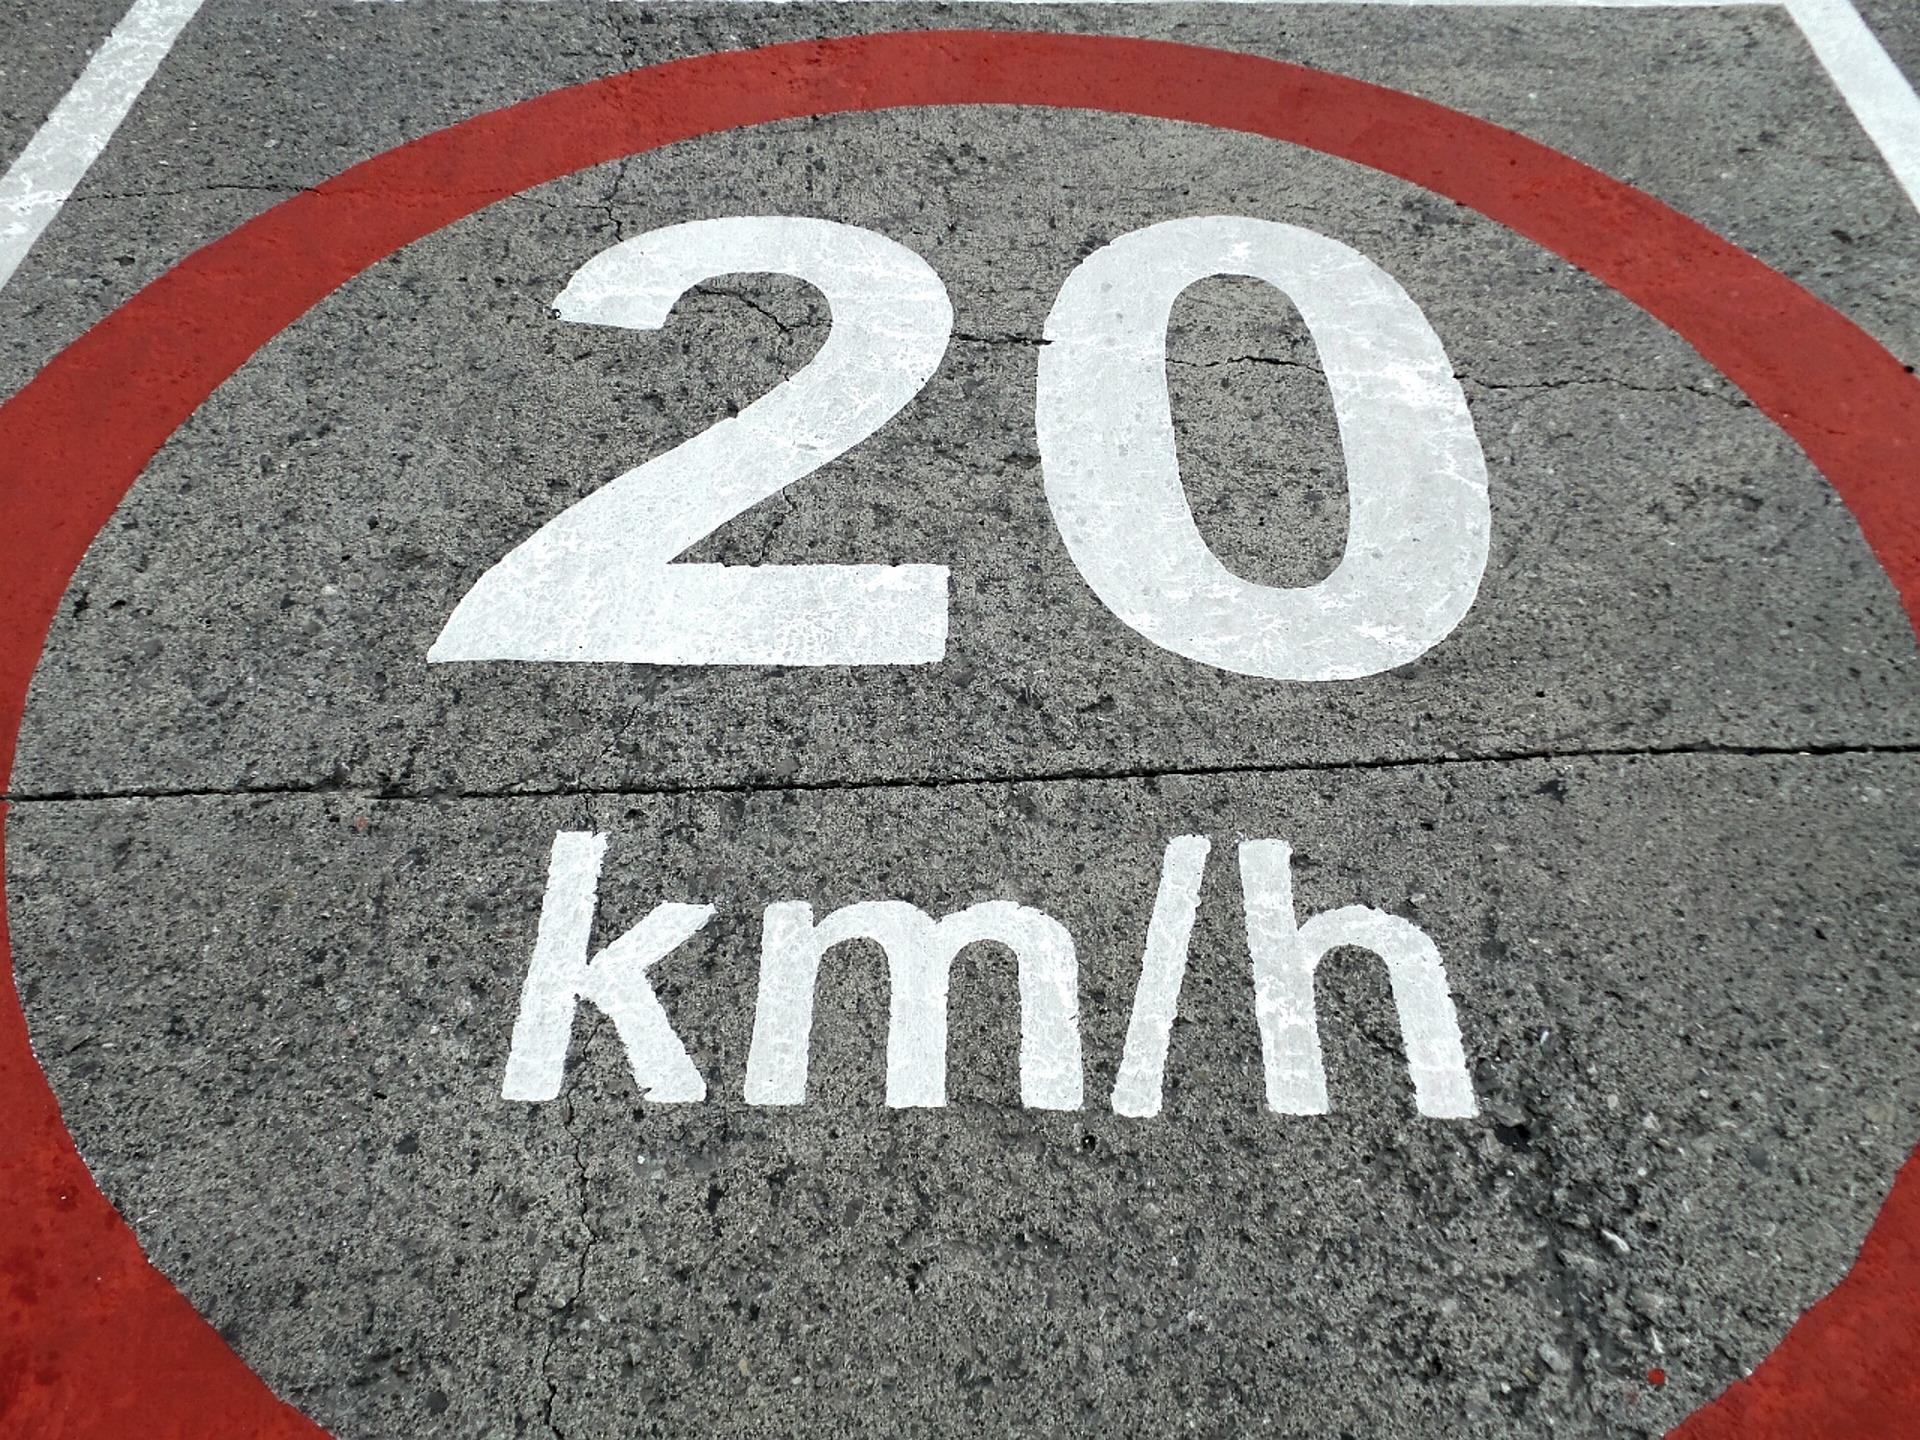 Poľská polícia sa zameriava aj na príliš nízku rýchlosť